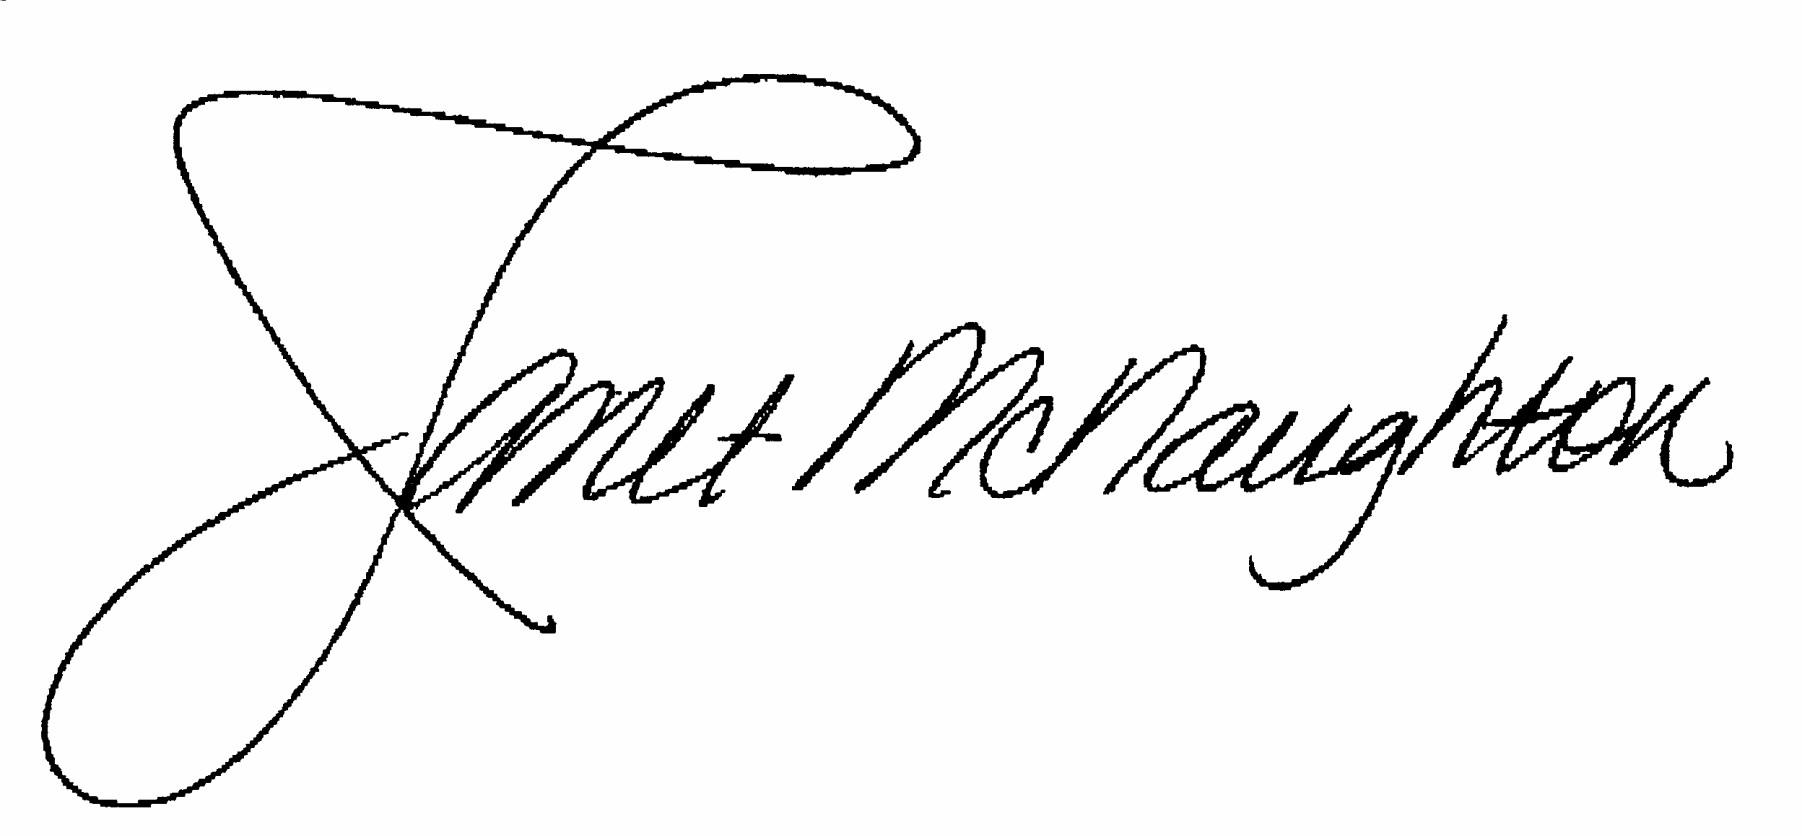 Janet's McNaughton Signature